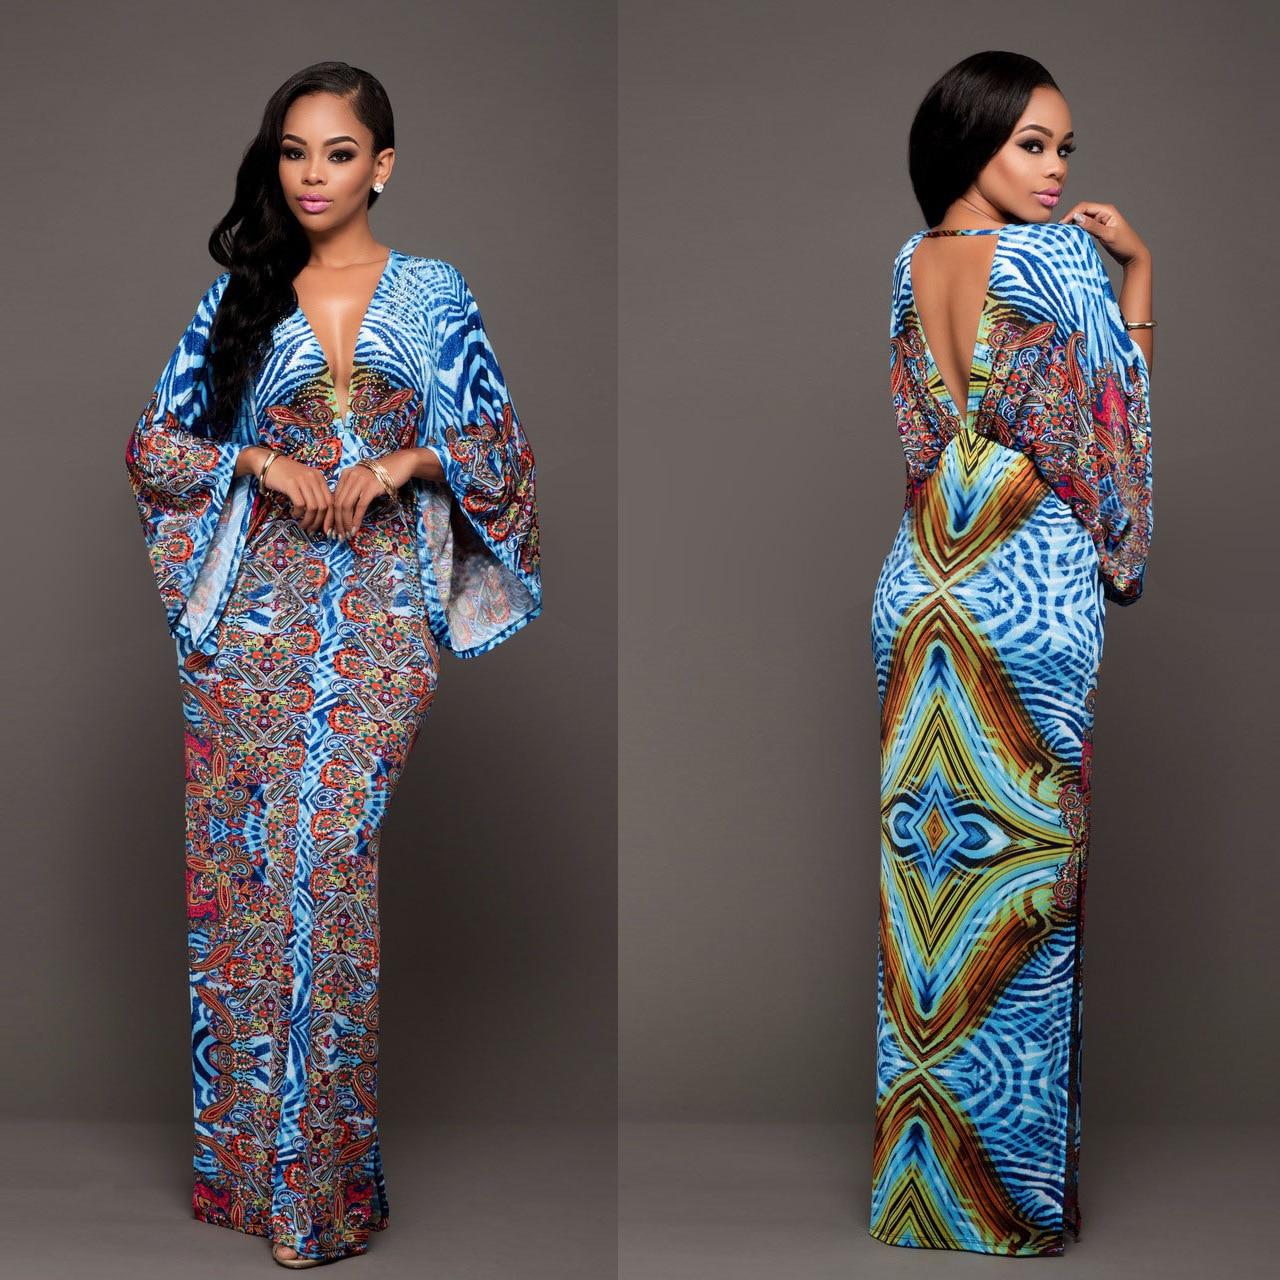 Robes Traditionnelles africaines Offre Spéciale Polyester Robes 2017  Nouvelles Femmes de Mode Élégante Impression Femmes des Vêtements V Profond  Retour de